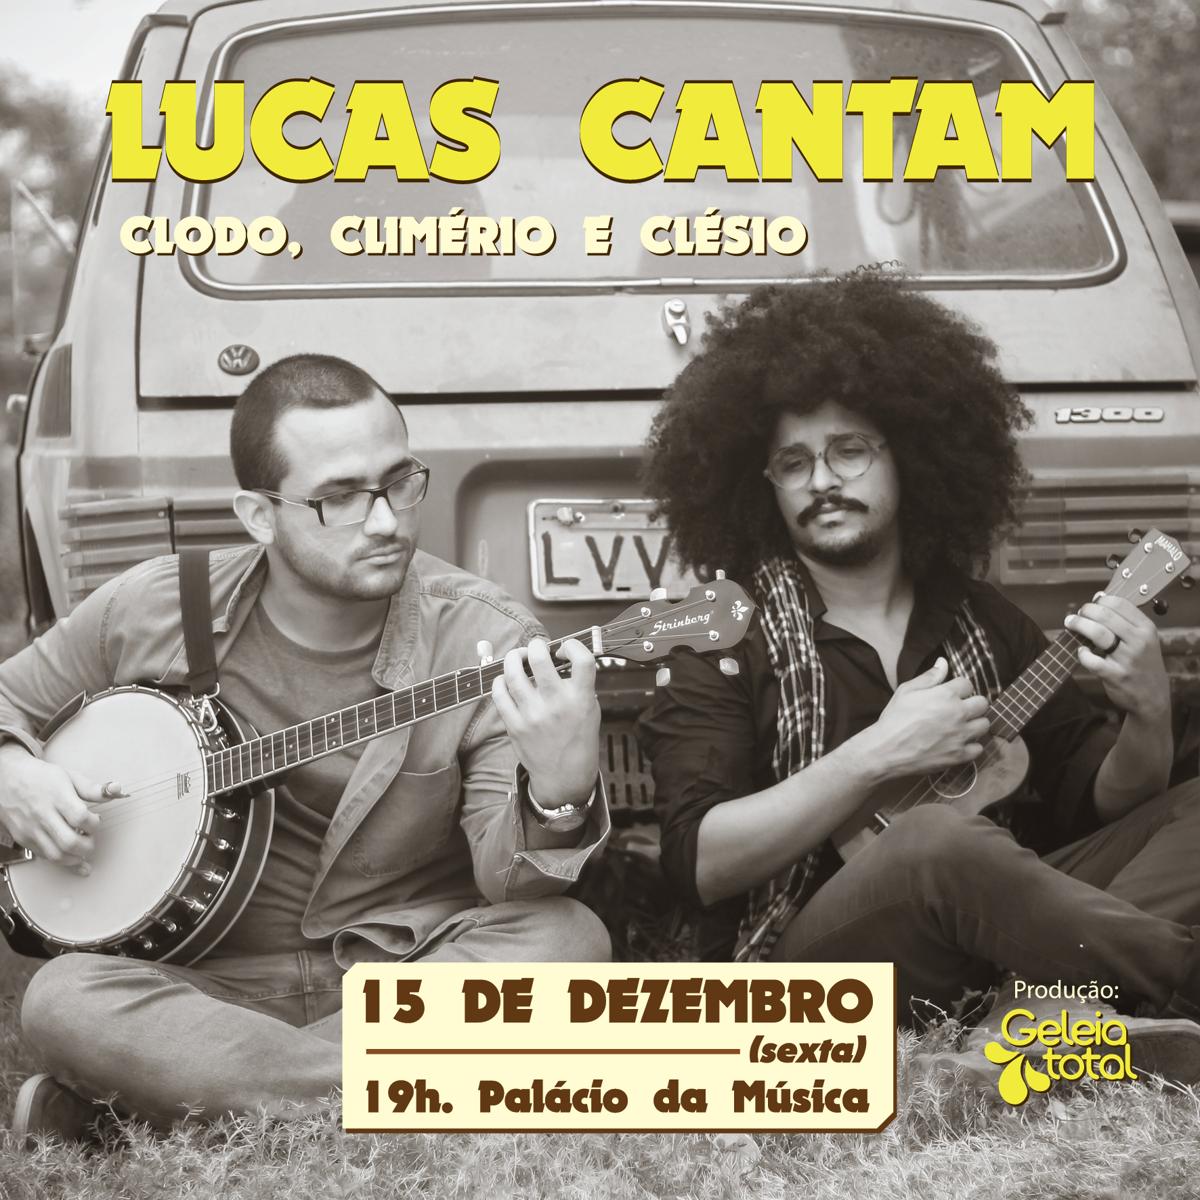 Lucas Cantam Clodo, Climério e Clésio - Post 4